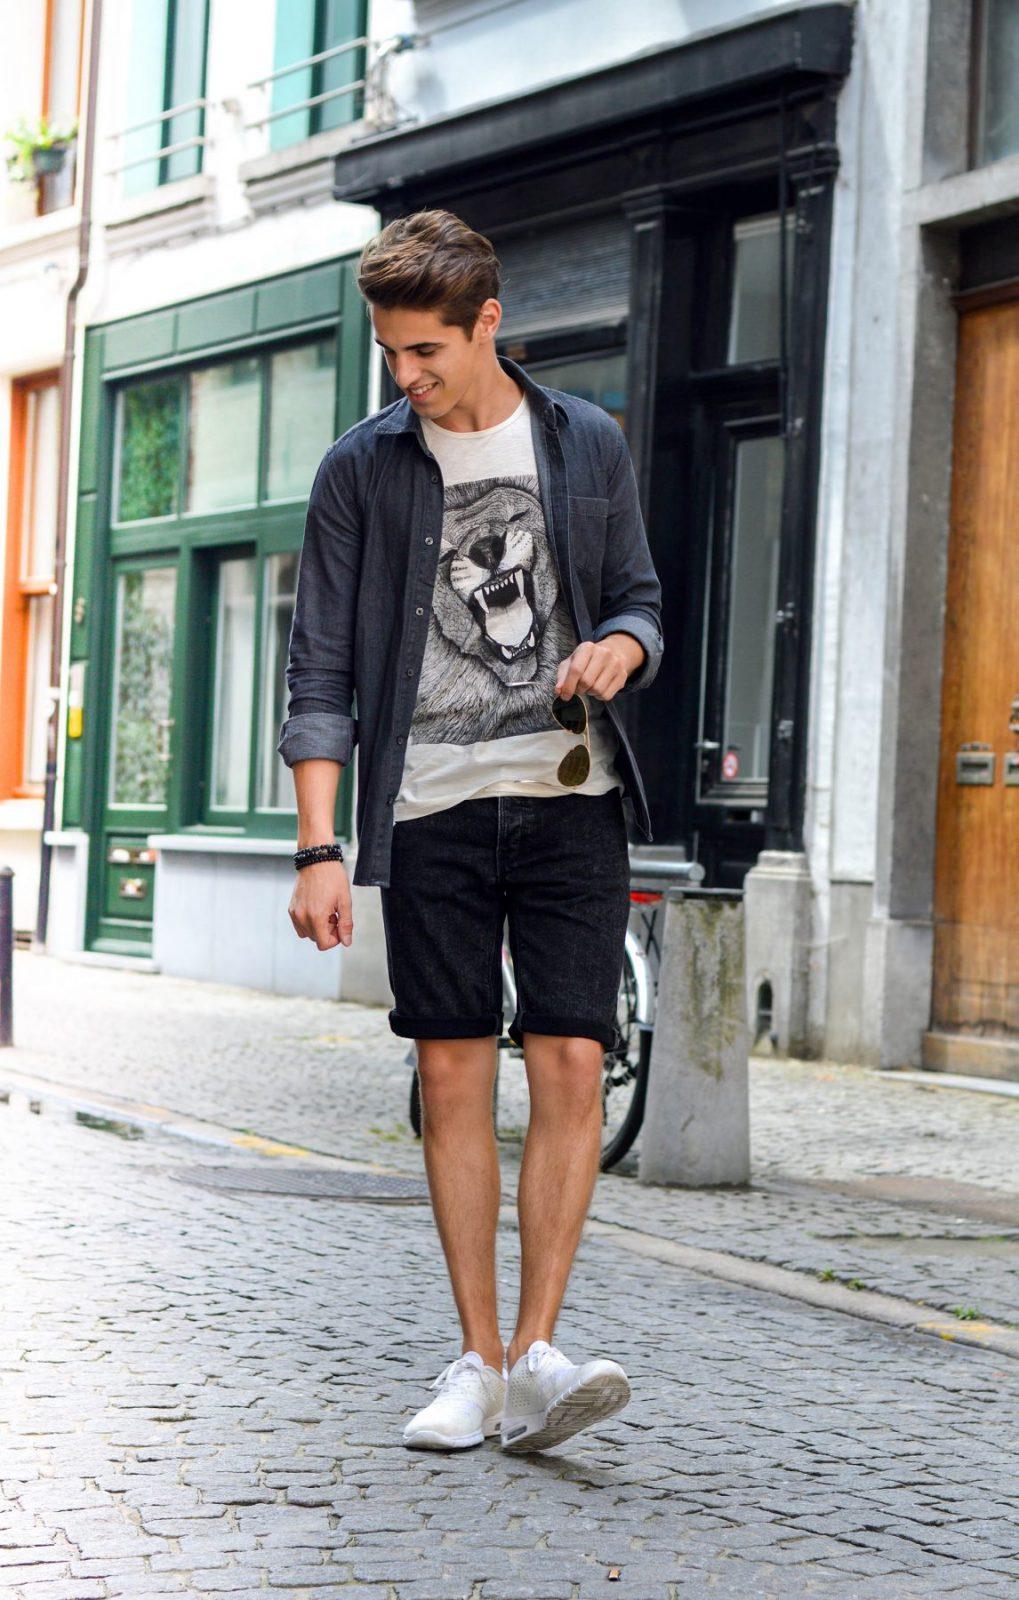 MattG Style